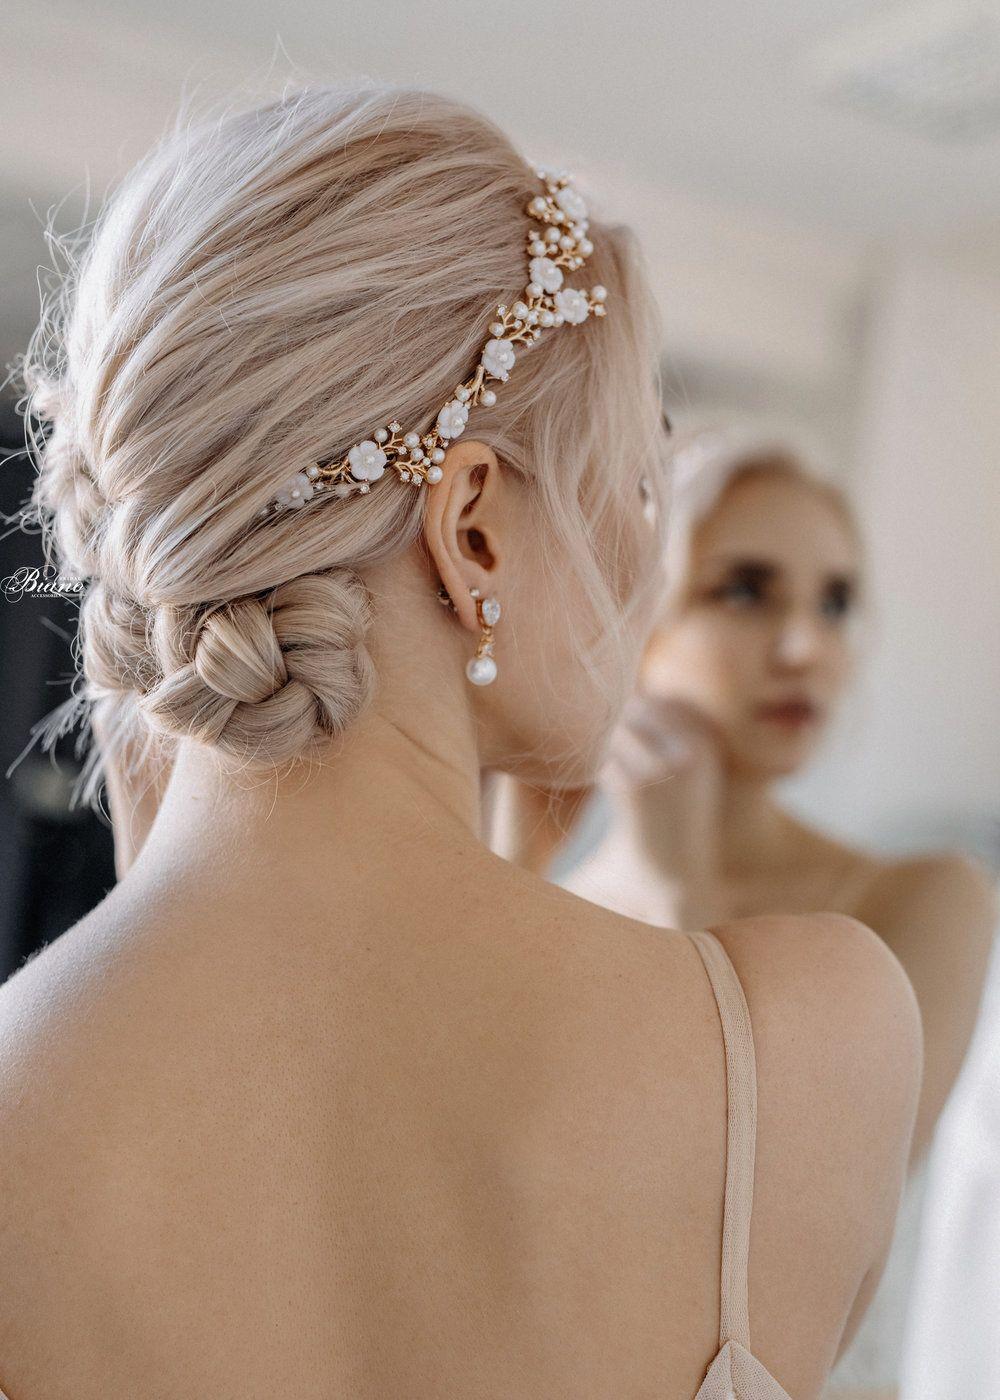 Bridal Headband Half Down Wedding Headband Updo Wedding Headband With Veil Wedding Hea Updo With Headband Gold Headpiece Wedding Bridesmaid Hair Accessories